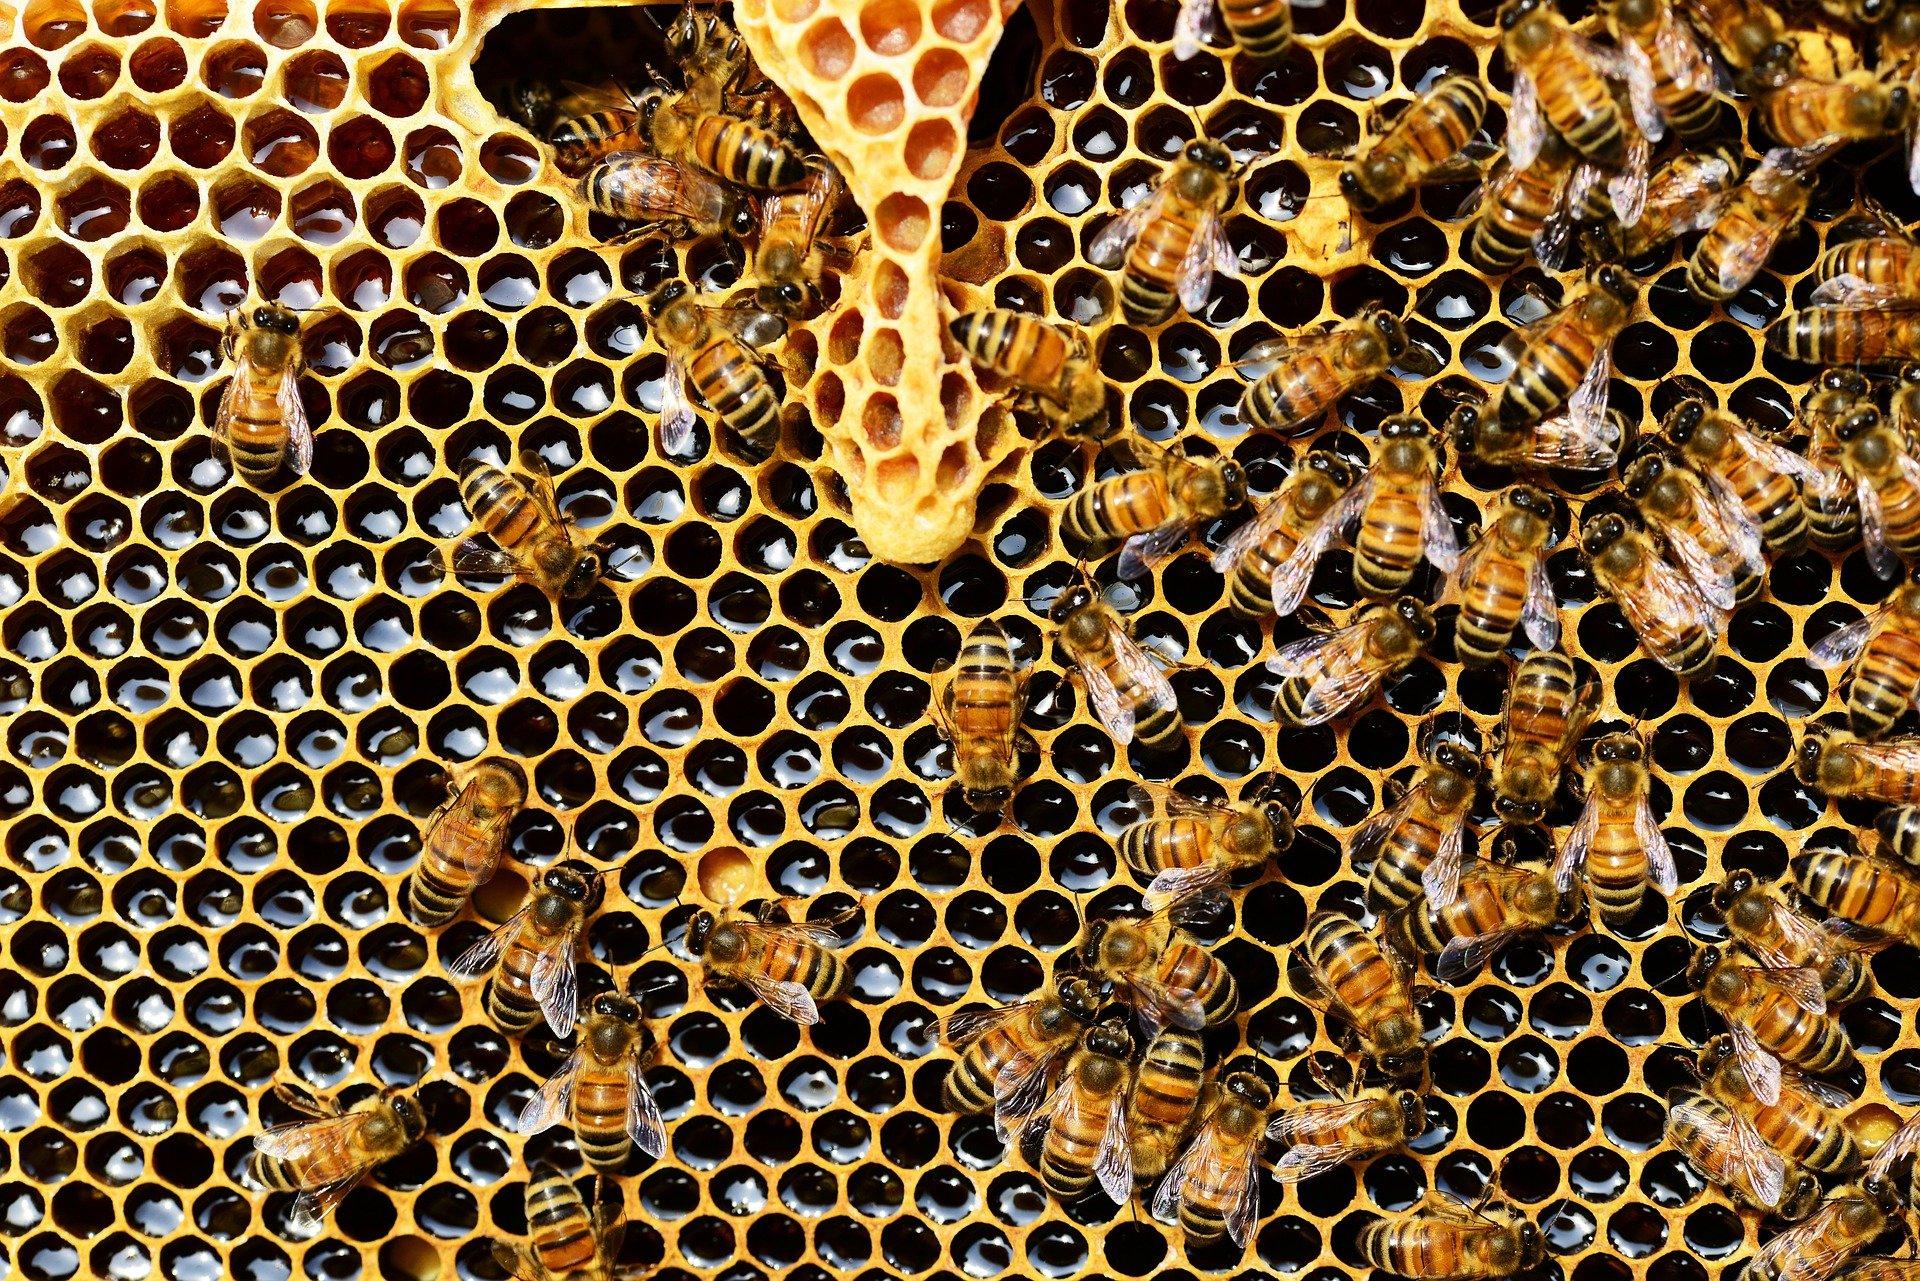 découverte des abeilles : la reine et les abeilles ouvrières